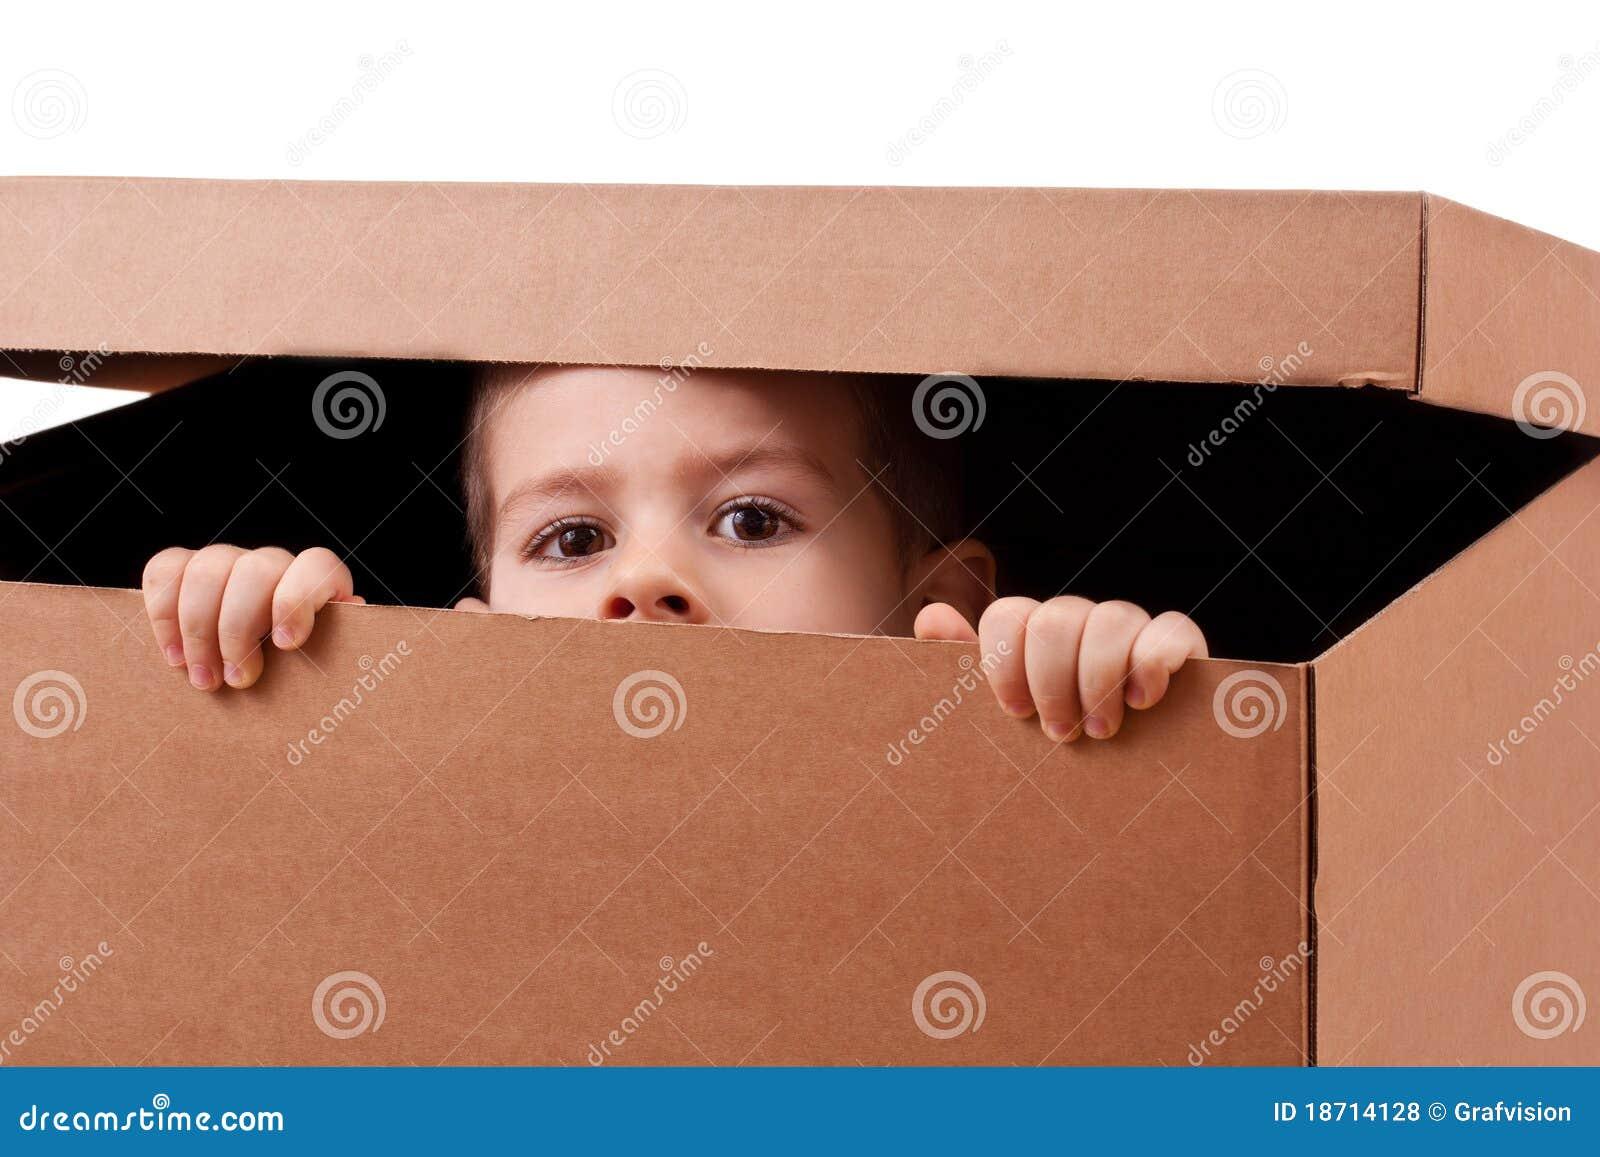 Jennifer voyeur window peep 7 Part 3 9